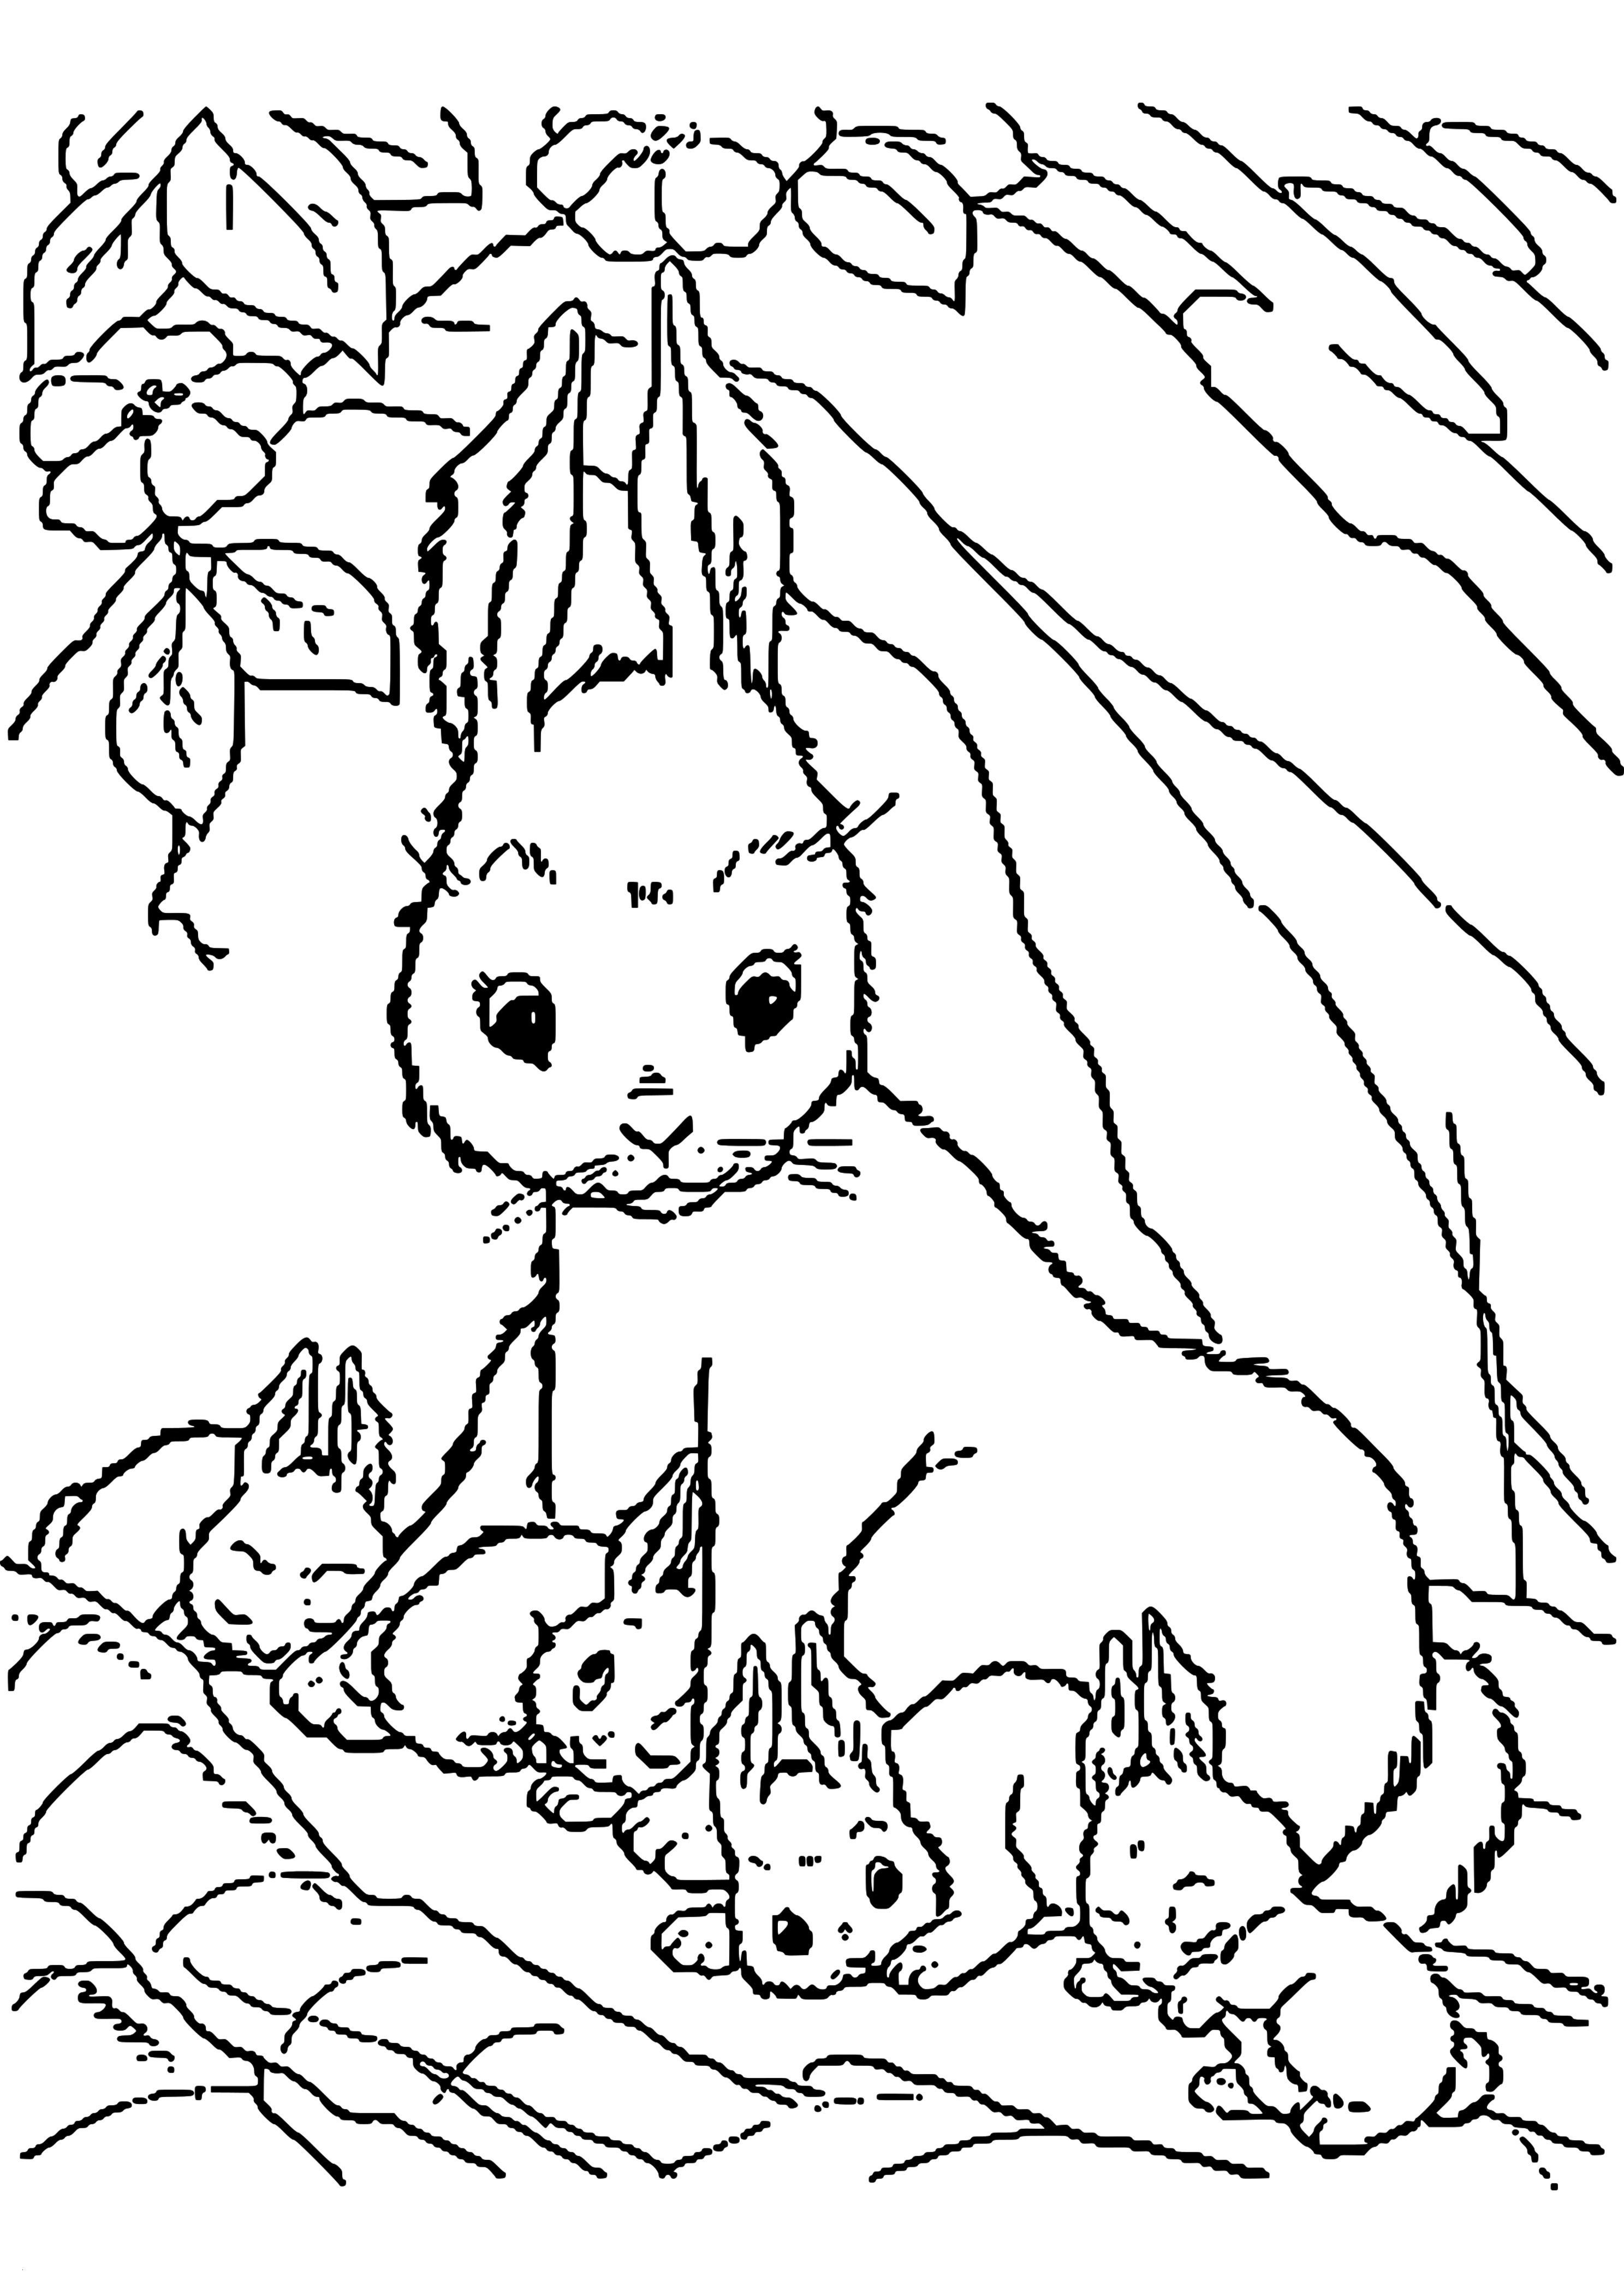 Ausmalbilder Zum Ausdrucken Hunde Frisch Hunde Ausmalbilder Zum Drucken Uploadertalk Best Kaninchen Das Bild